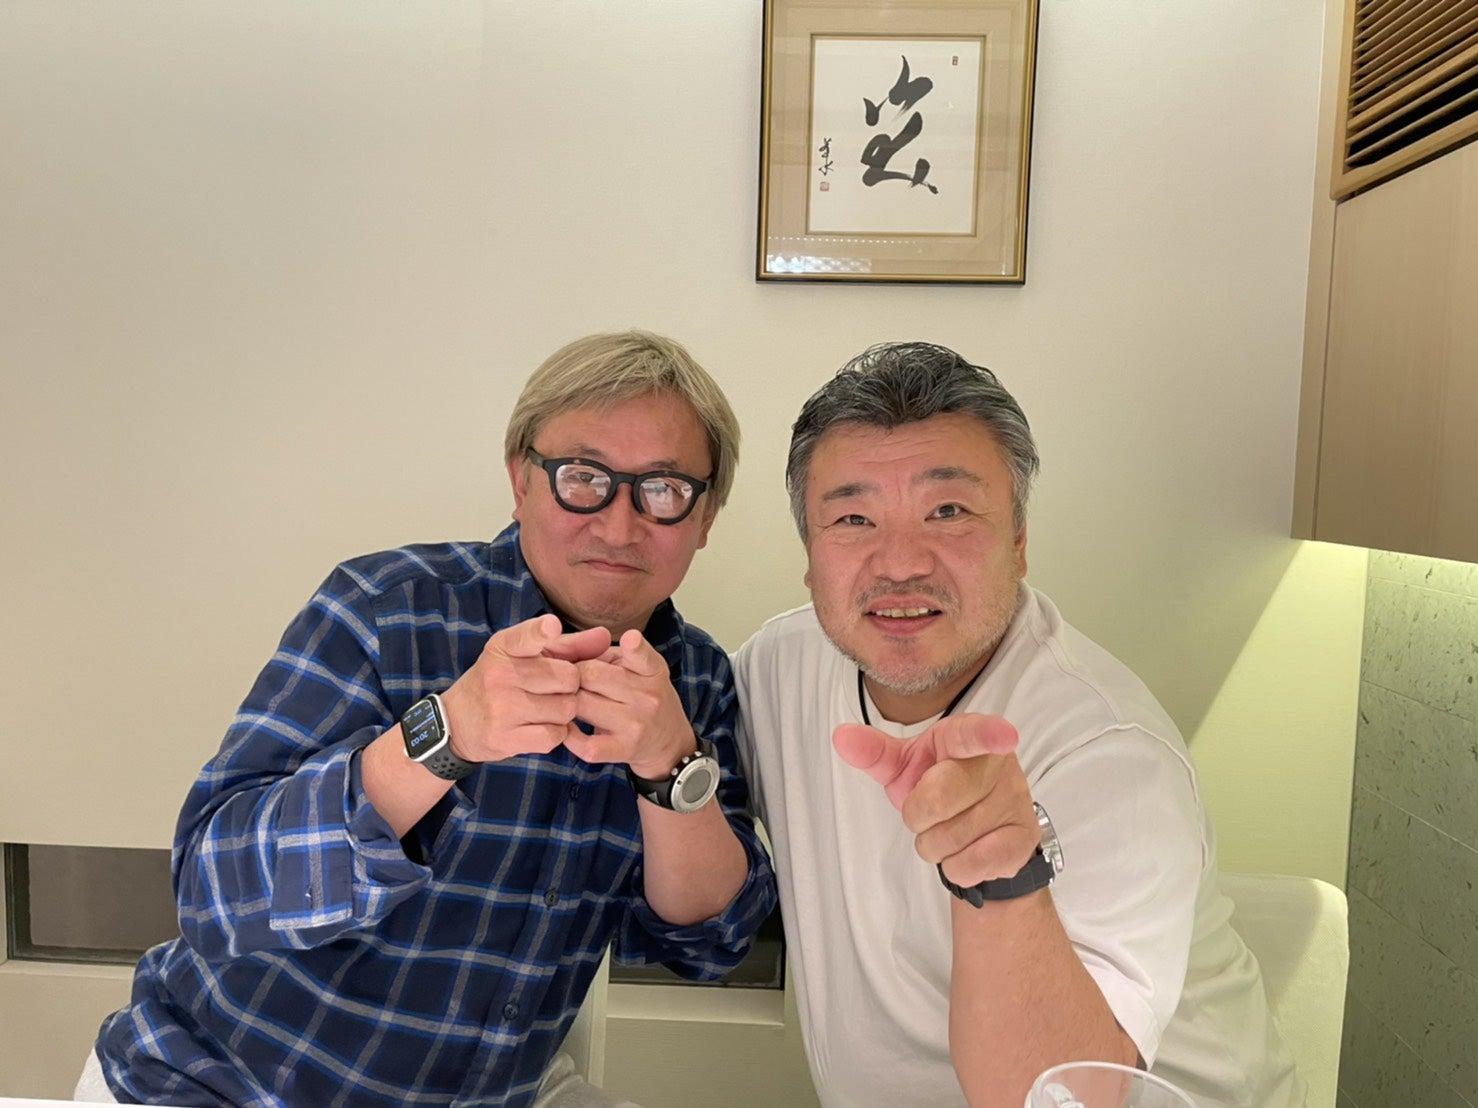 株式会社AZizm  和田俊典社長